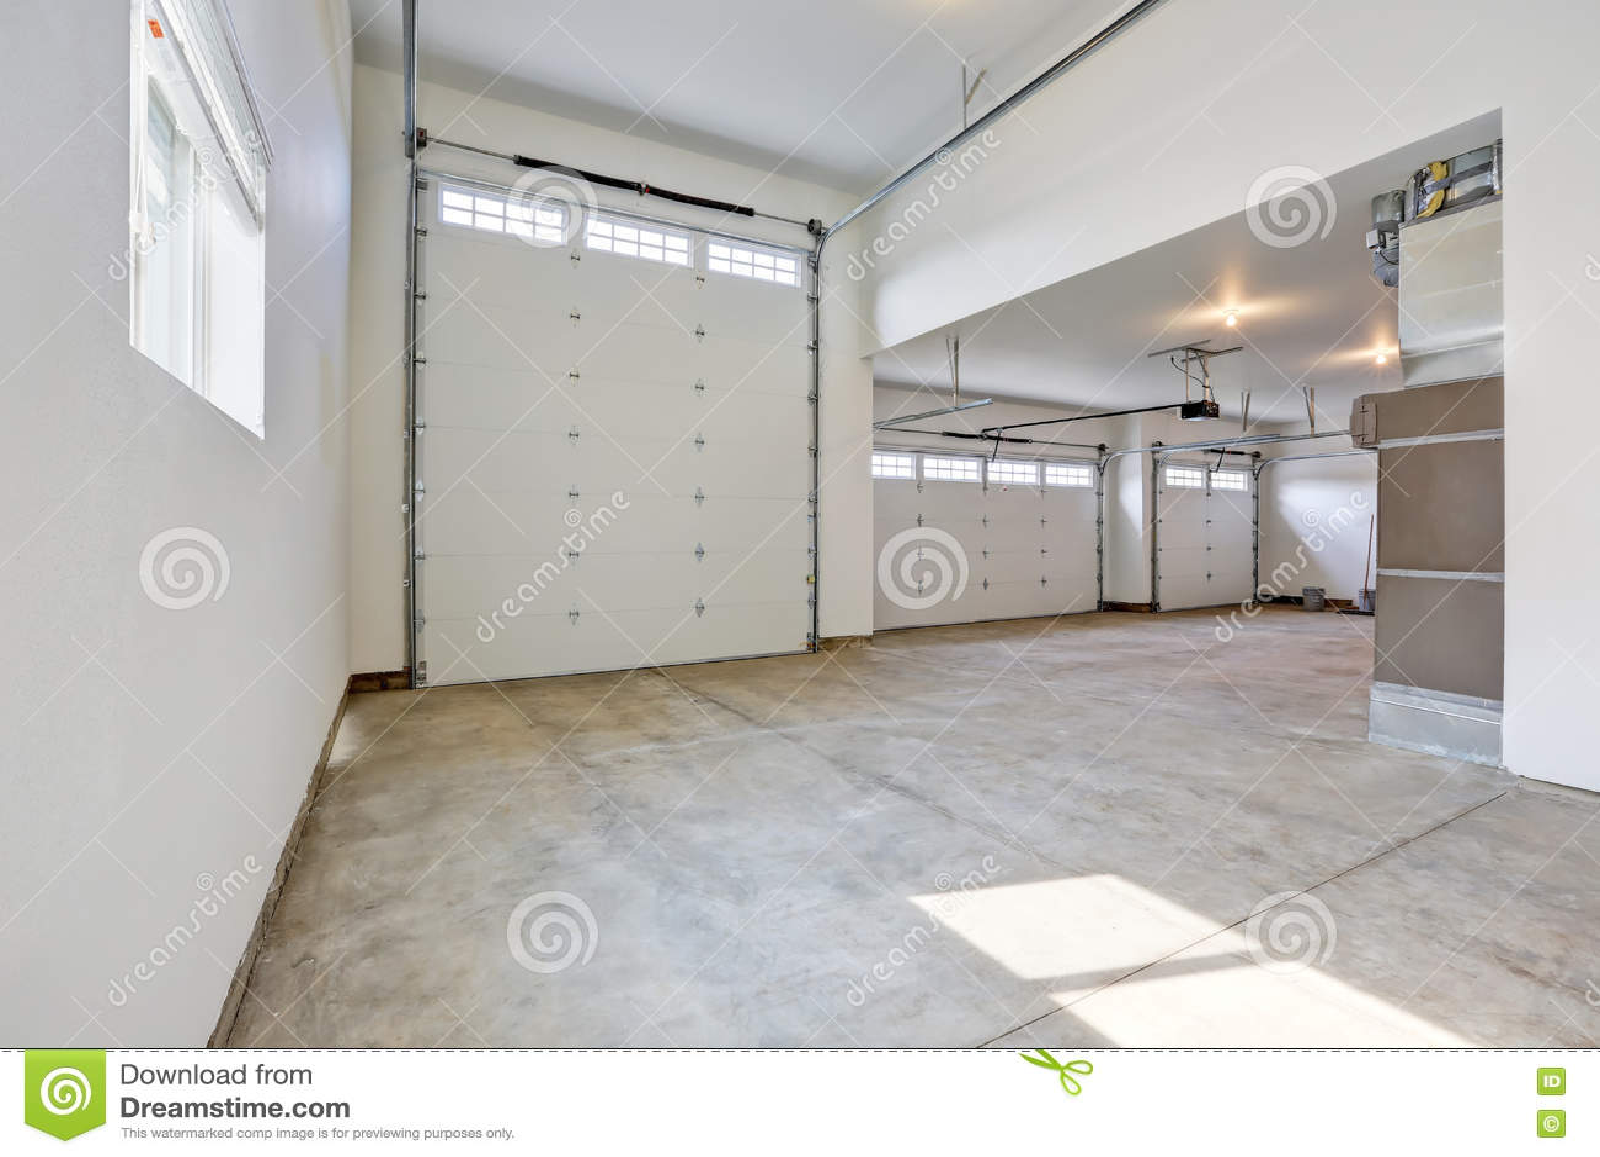 innenraum der gro en garage mit drei autos in einem nagelneuen haus stockfoto bild 76167744. Black Bedroom Furniture Sets. Home Design Ideas